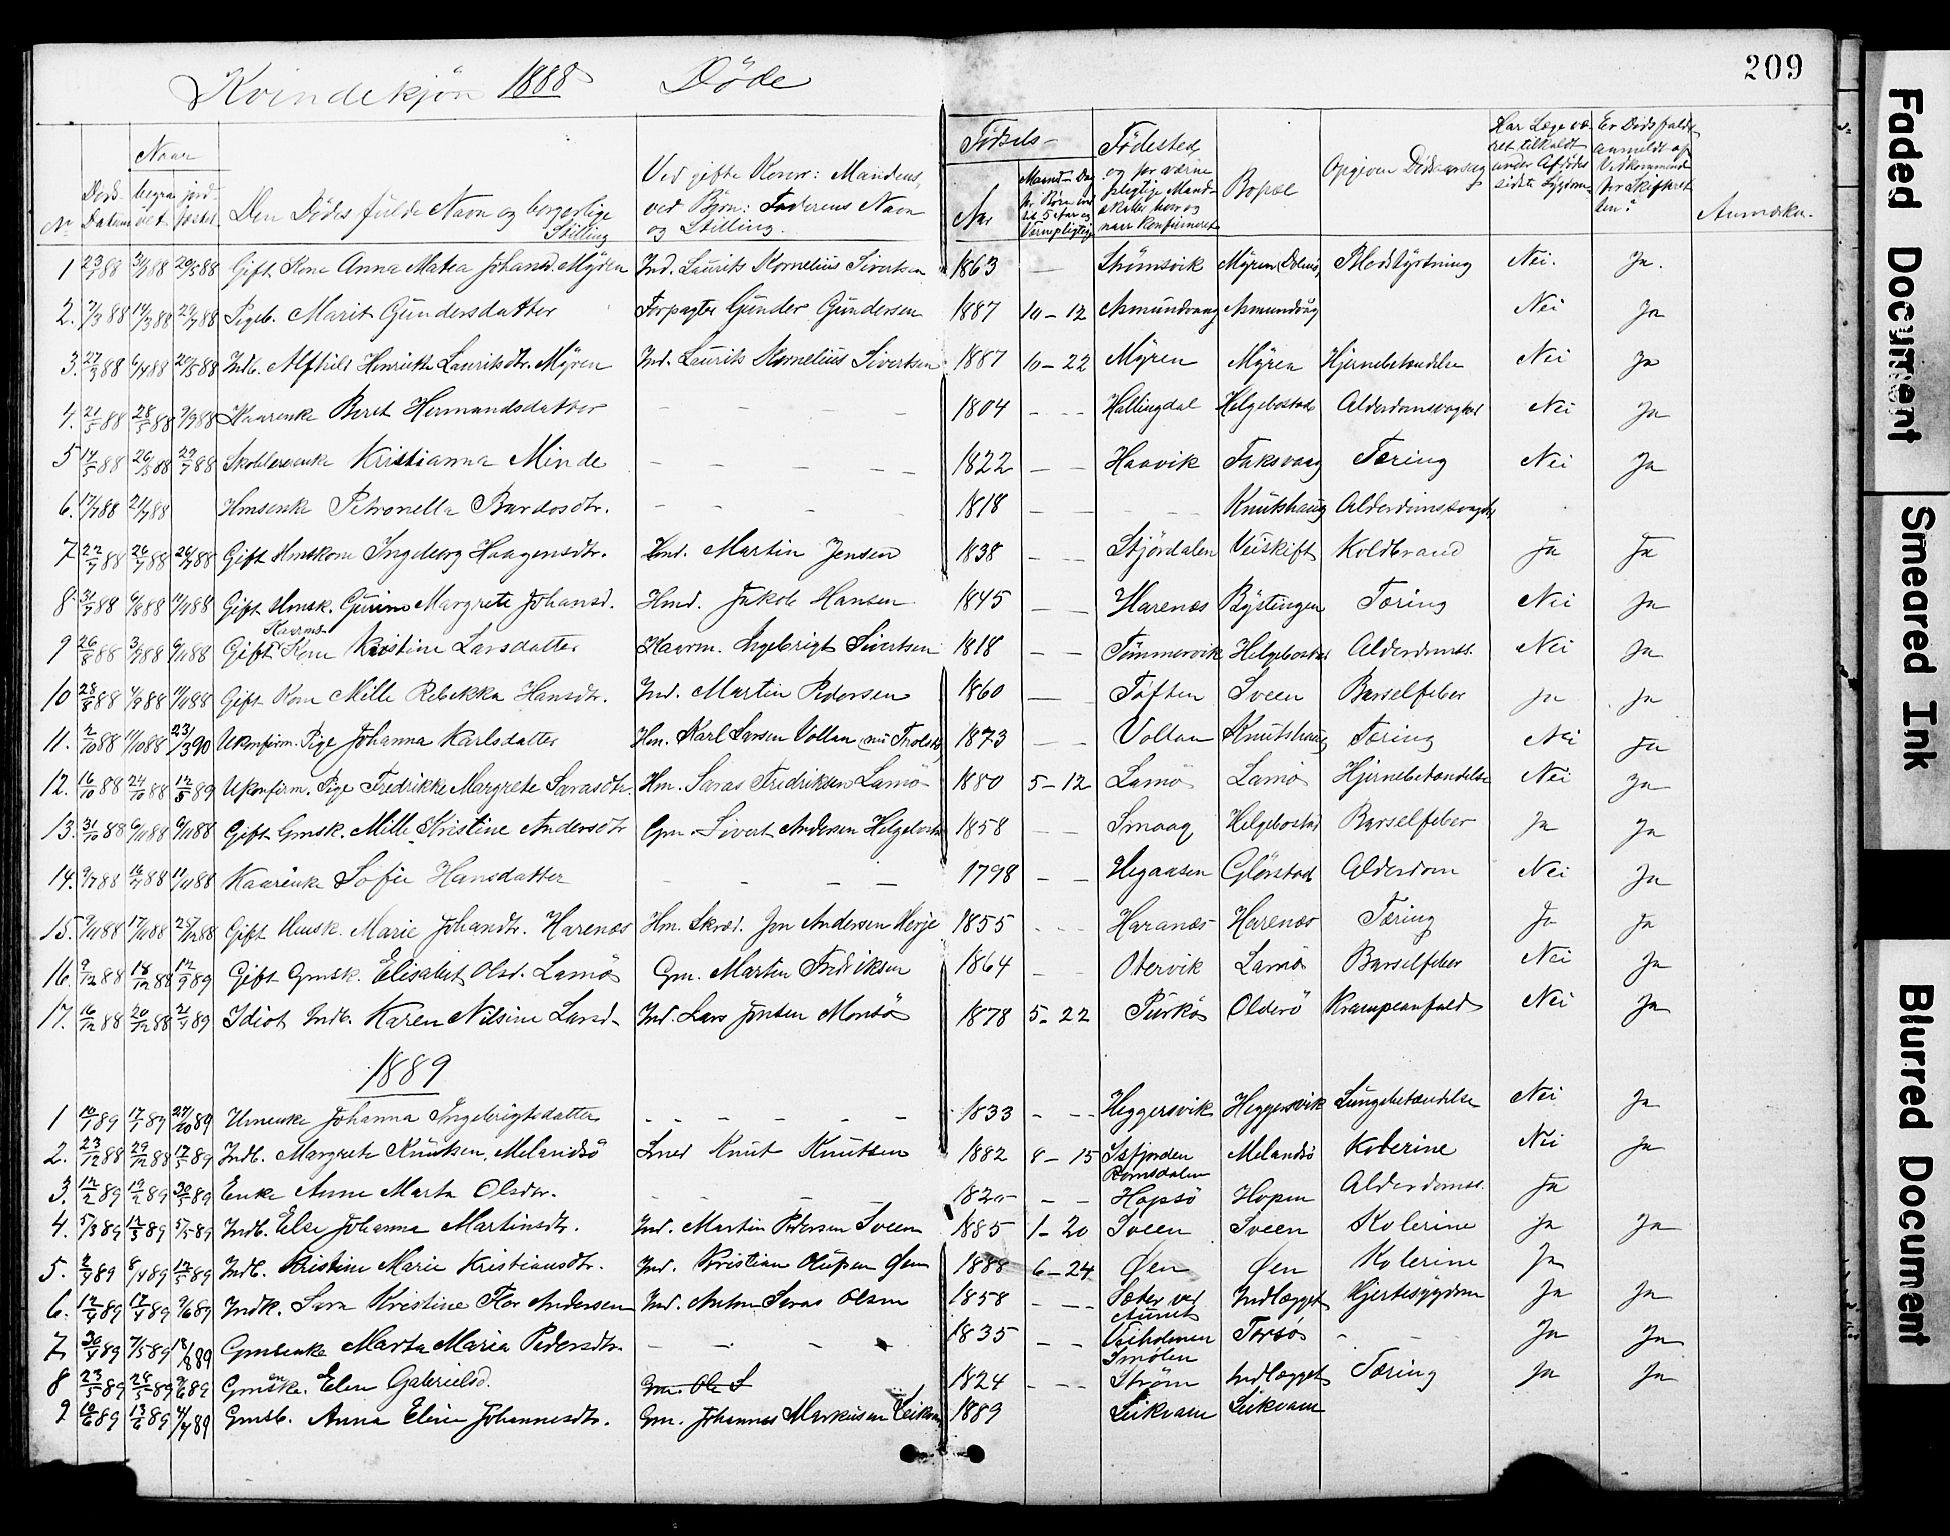 SAT, Ministerialprotokoller, klokkerbøker og fødselsregistre - Sør-Trøndelag, 634/L0541: Klokkerbok nr. 634C03, 1874-1891, s. 209